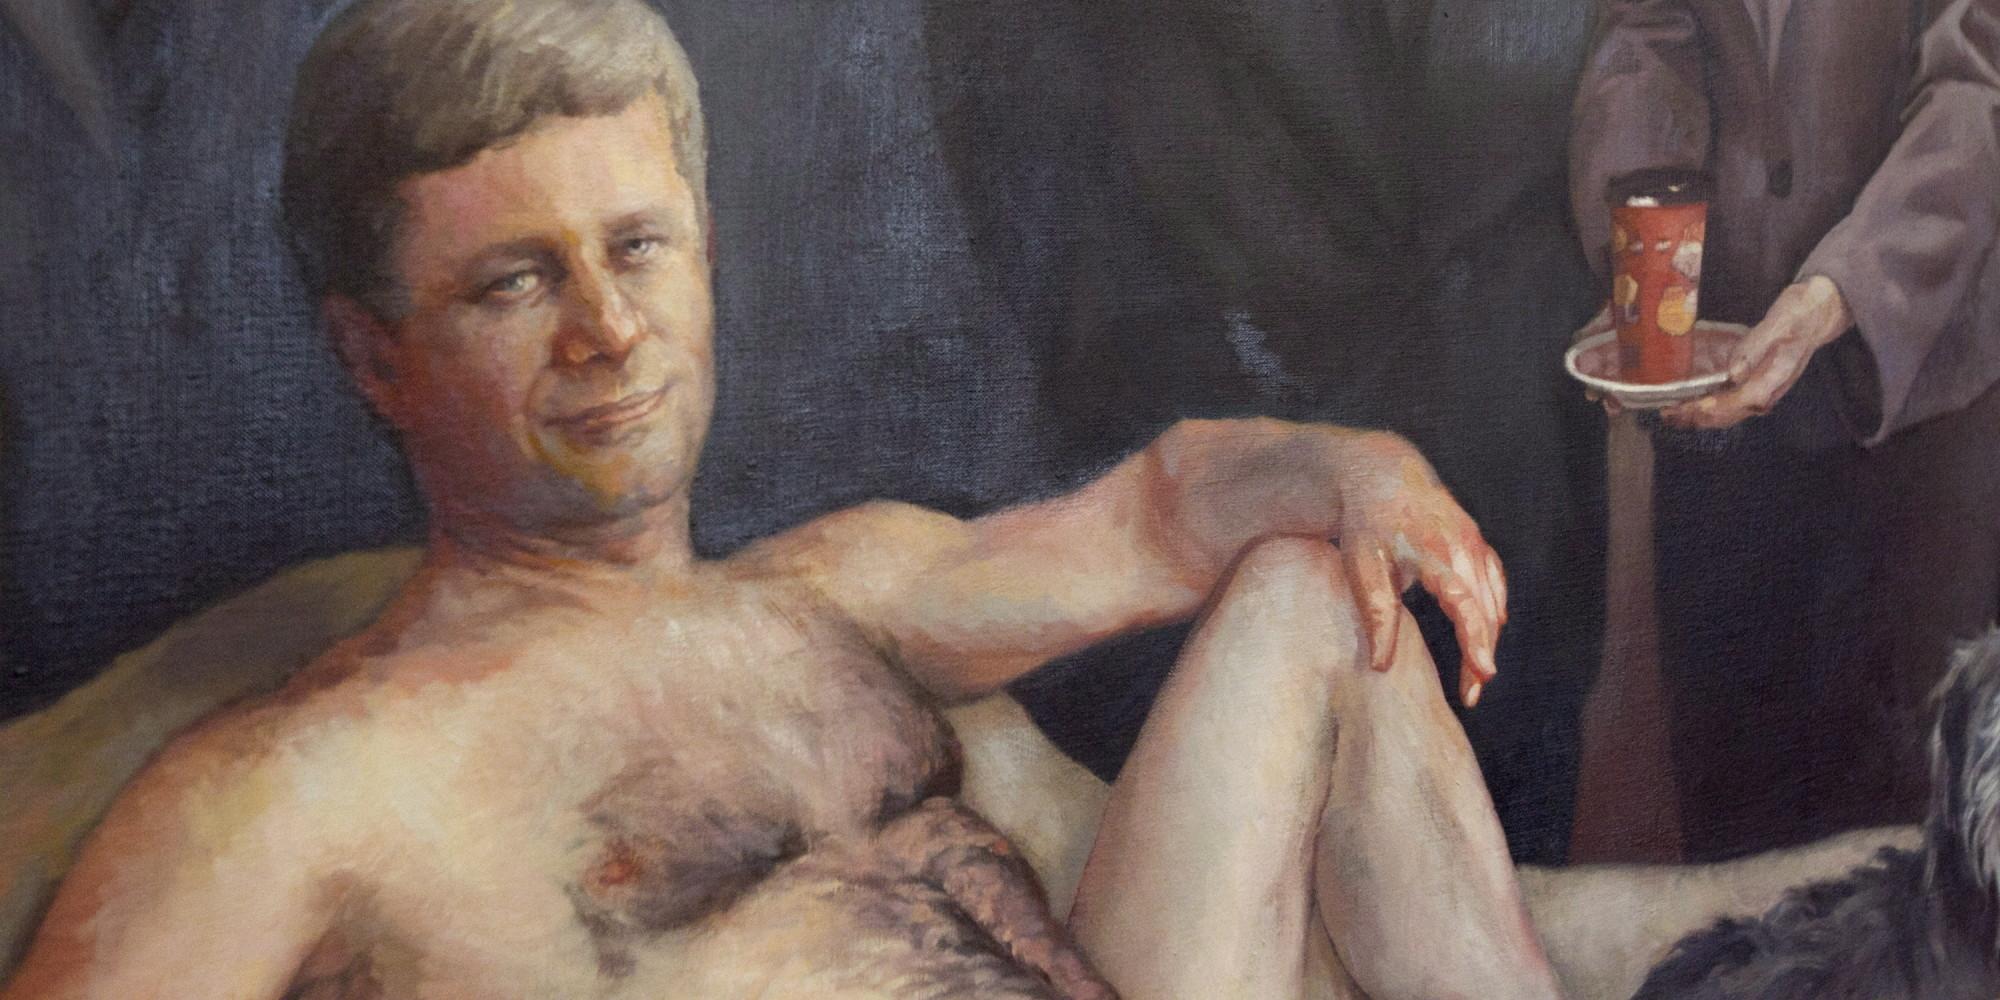 dansk porn en nudist koloni